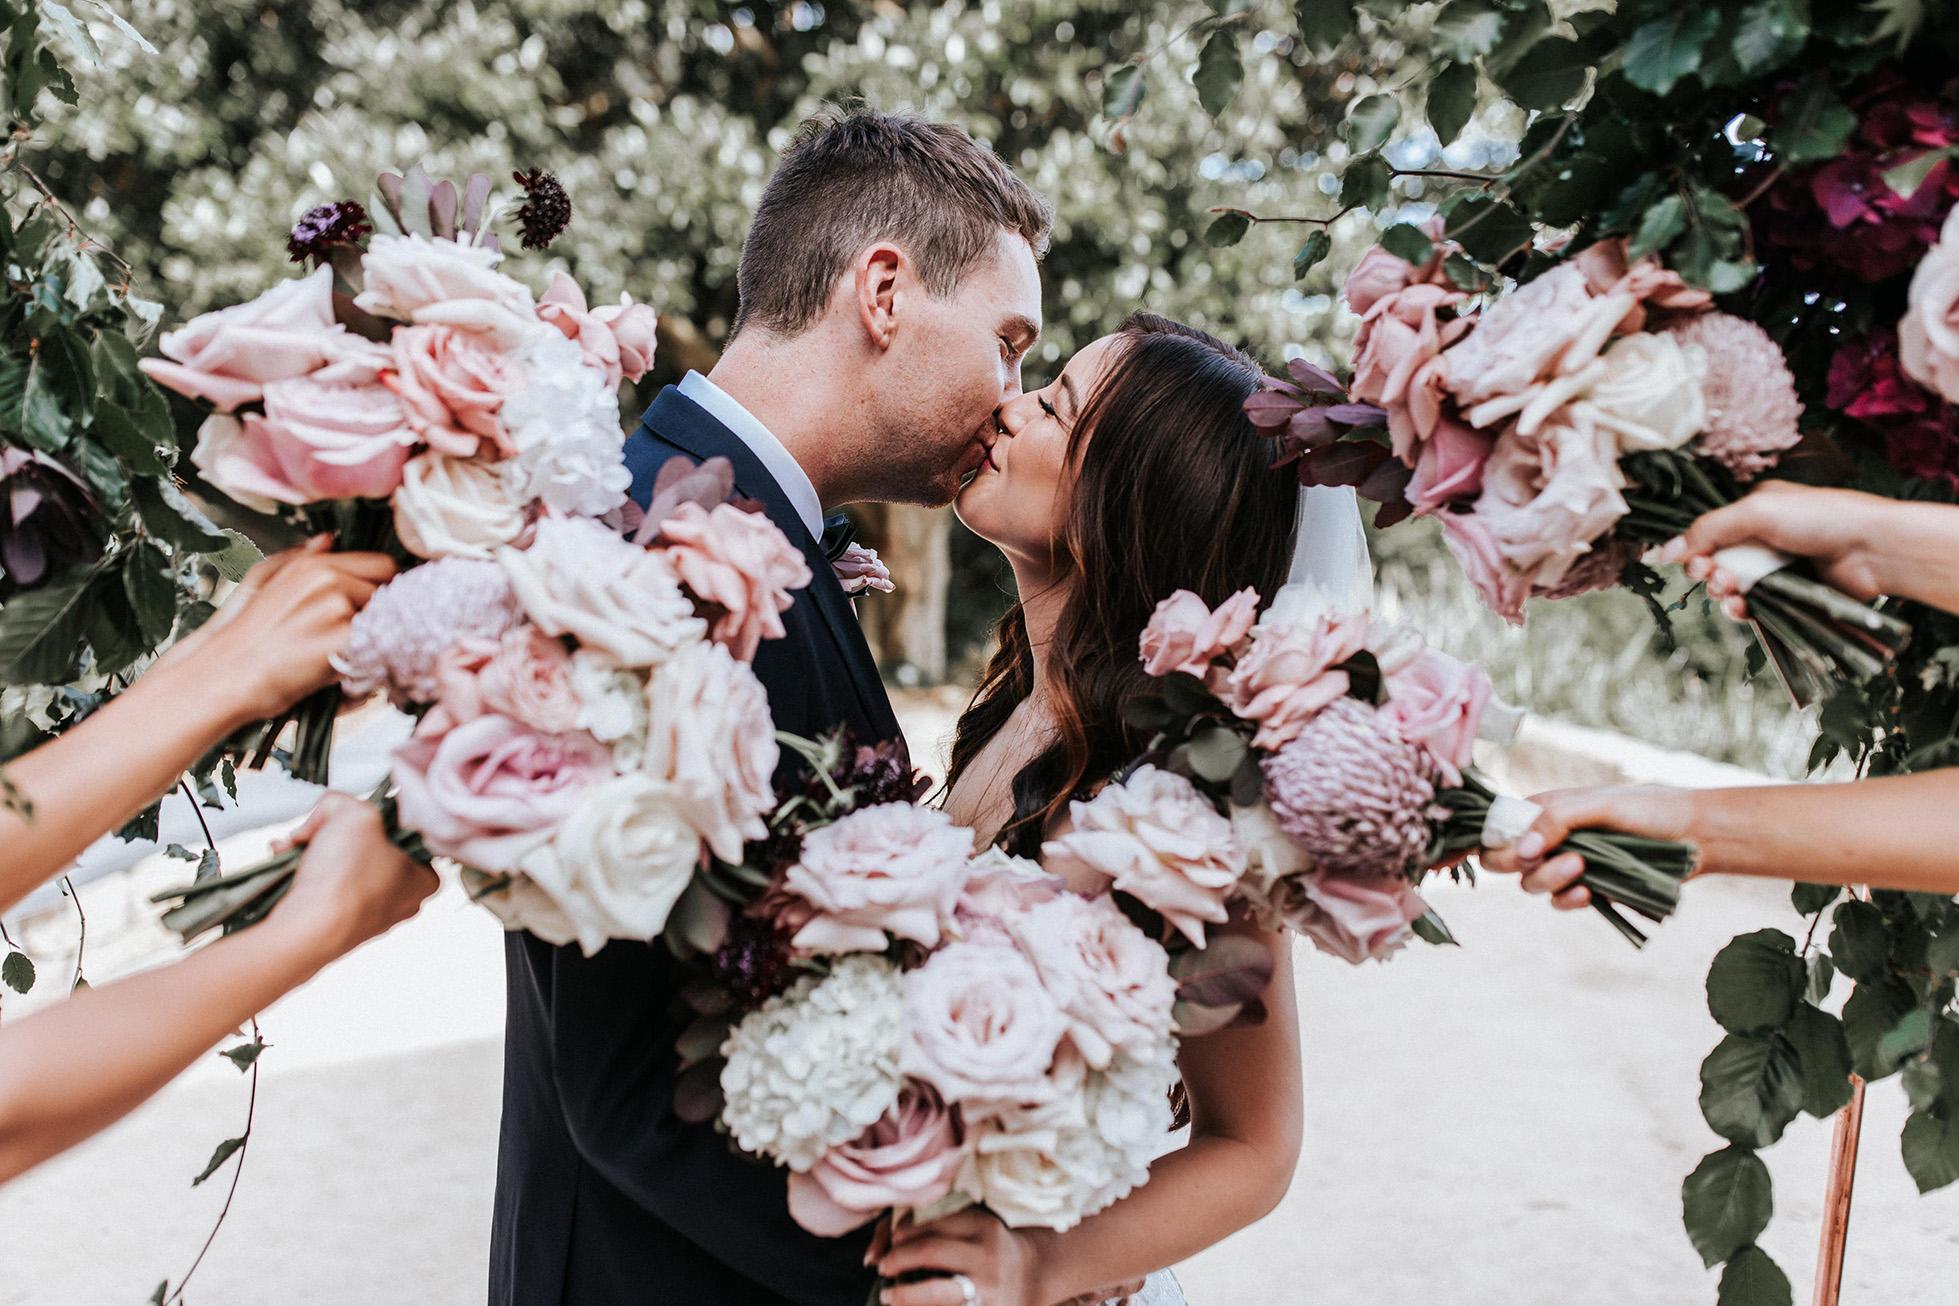 sergants-mess-wedding-jacinta-blake-16.jpg